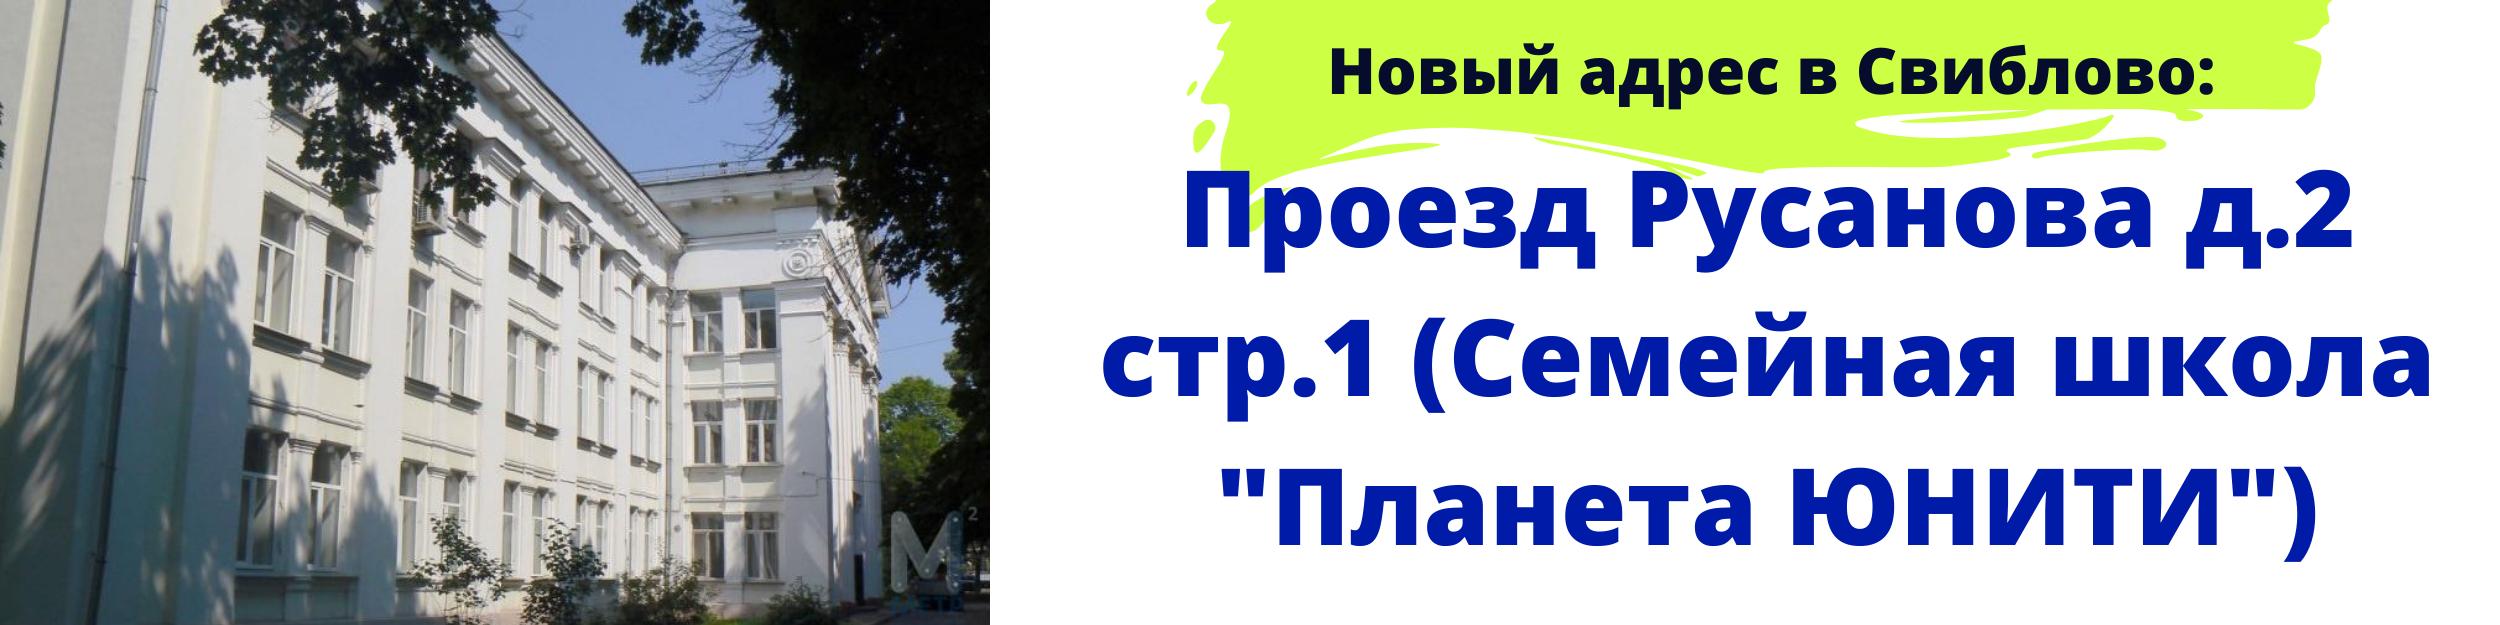 location_sviblovo